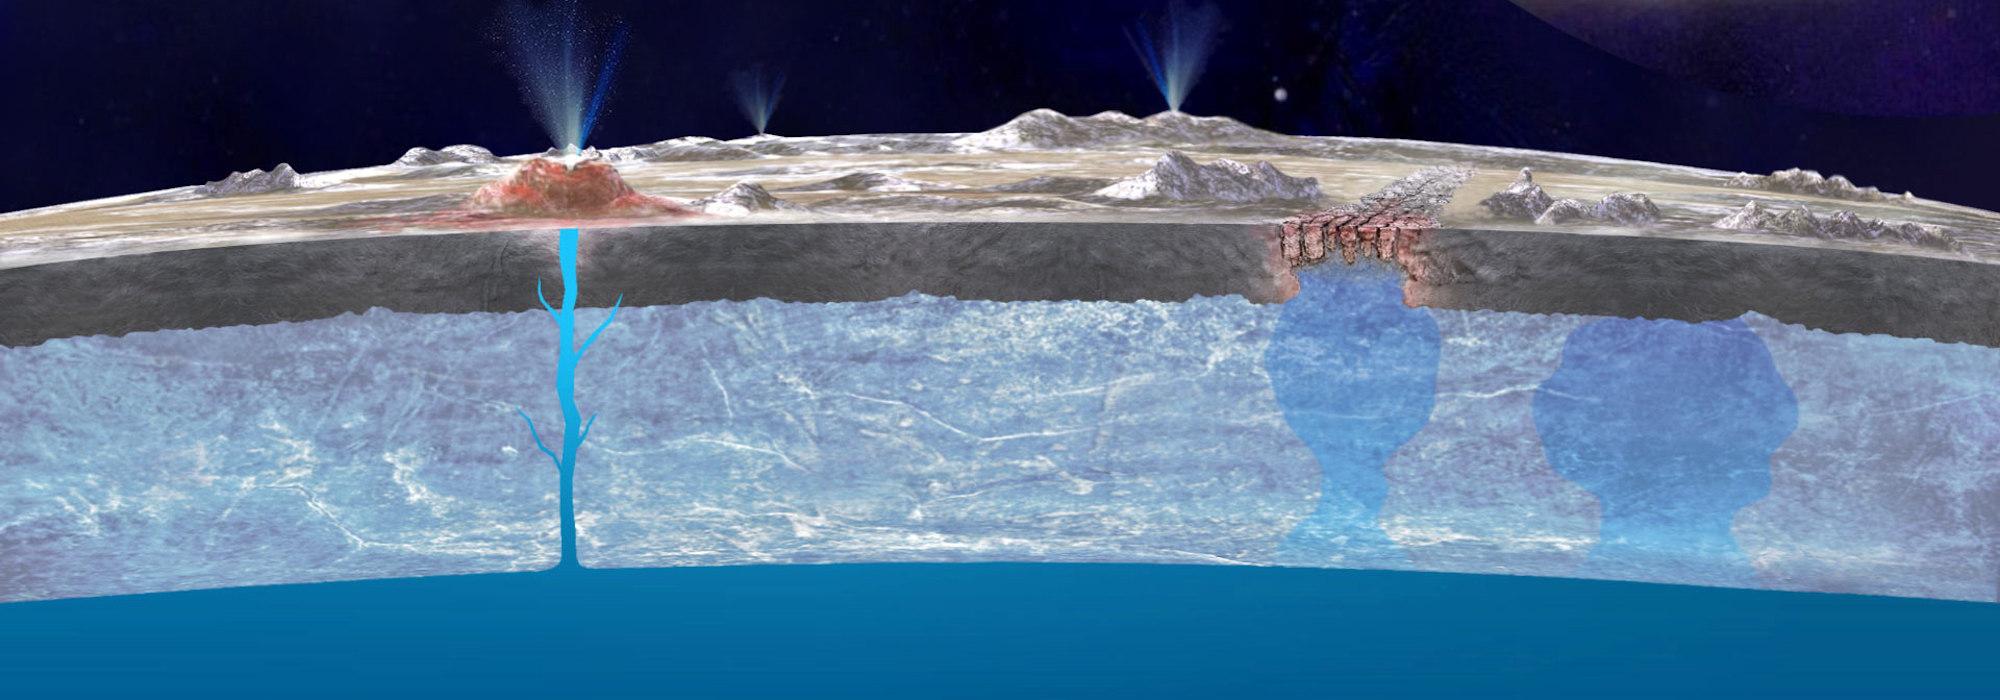 Europa uydusu su püskürtüyor